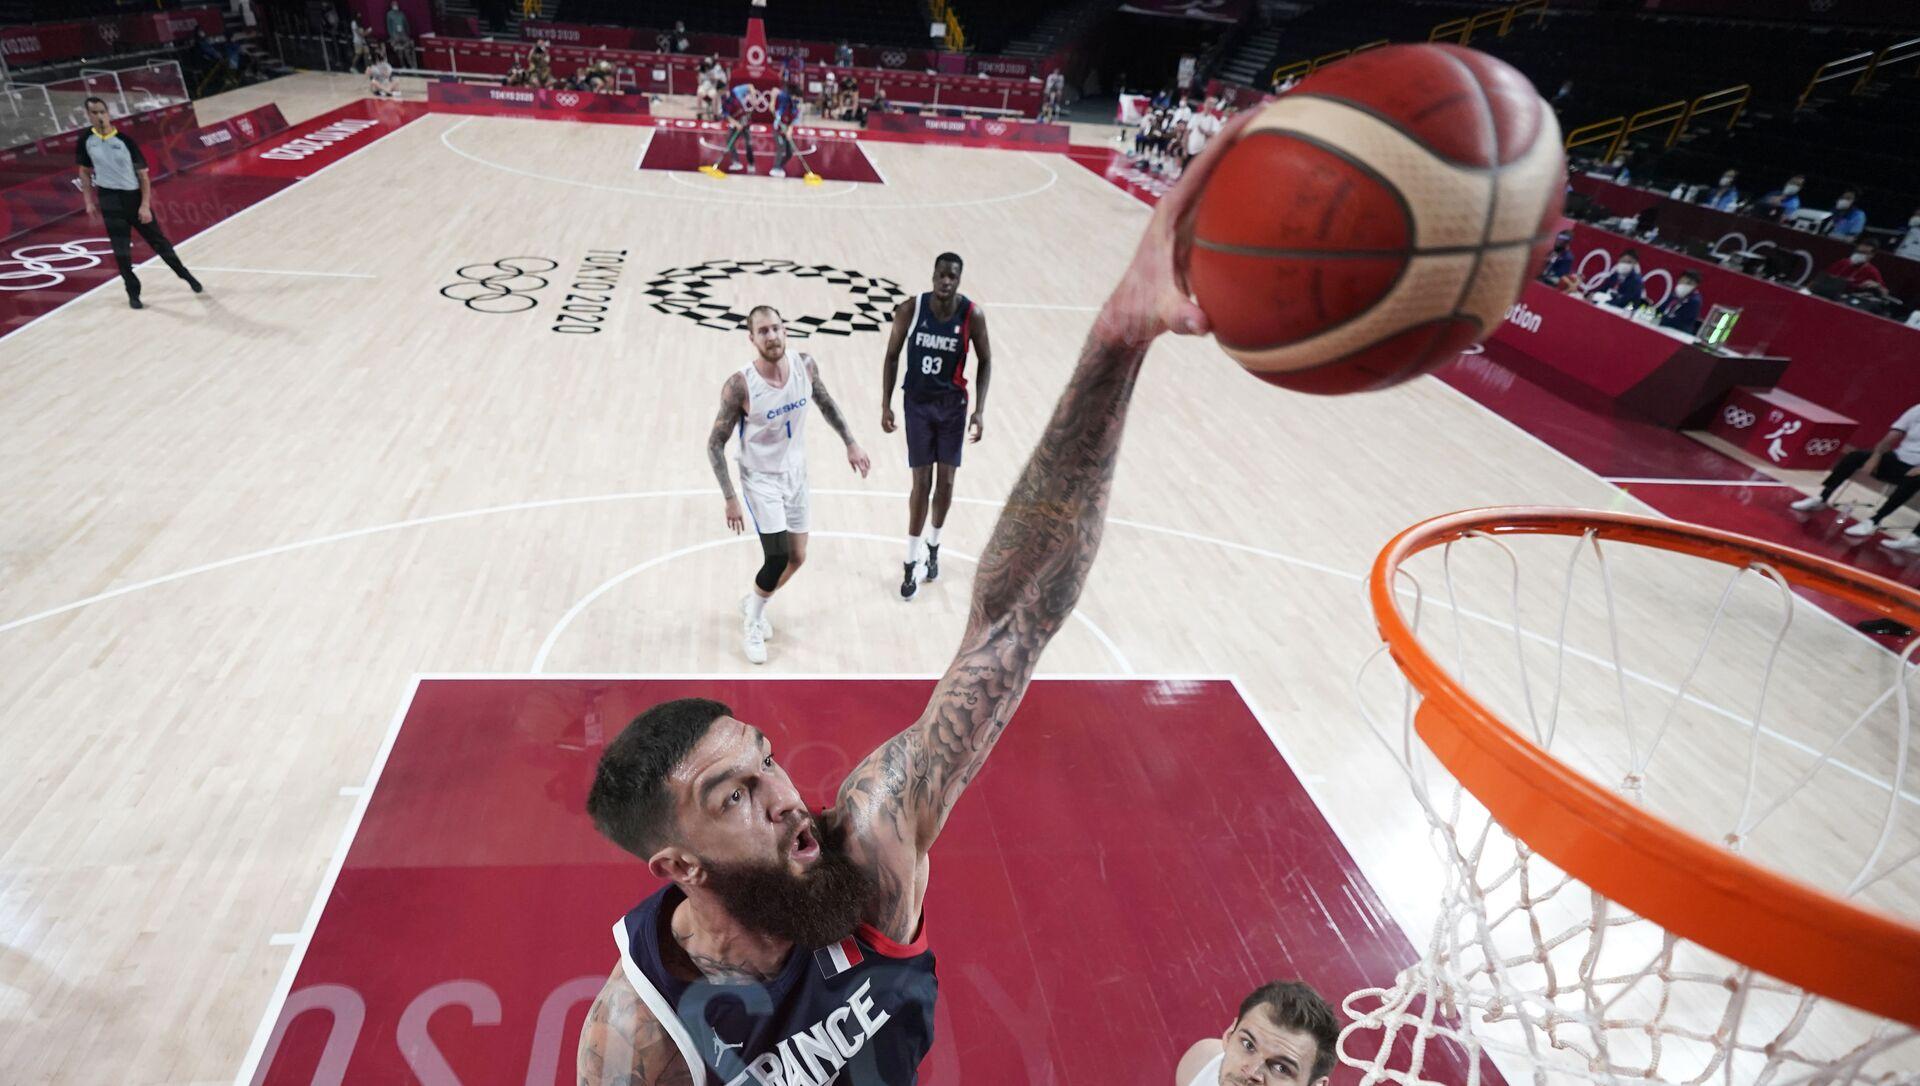 Tokyo 2020 erkek basketbolunda Fransa, çeyrek finale yükselen ilk takım oldu - Sputnik Türkiye, 1920, 28.07.2021